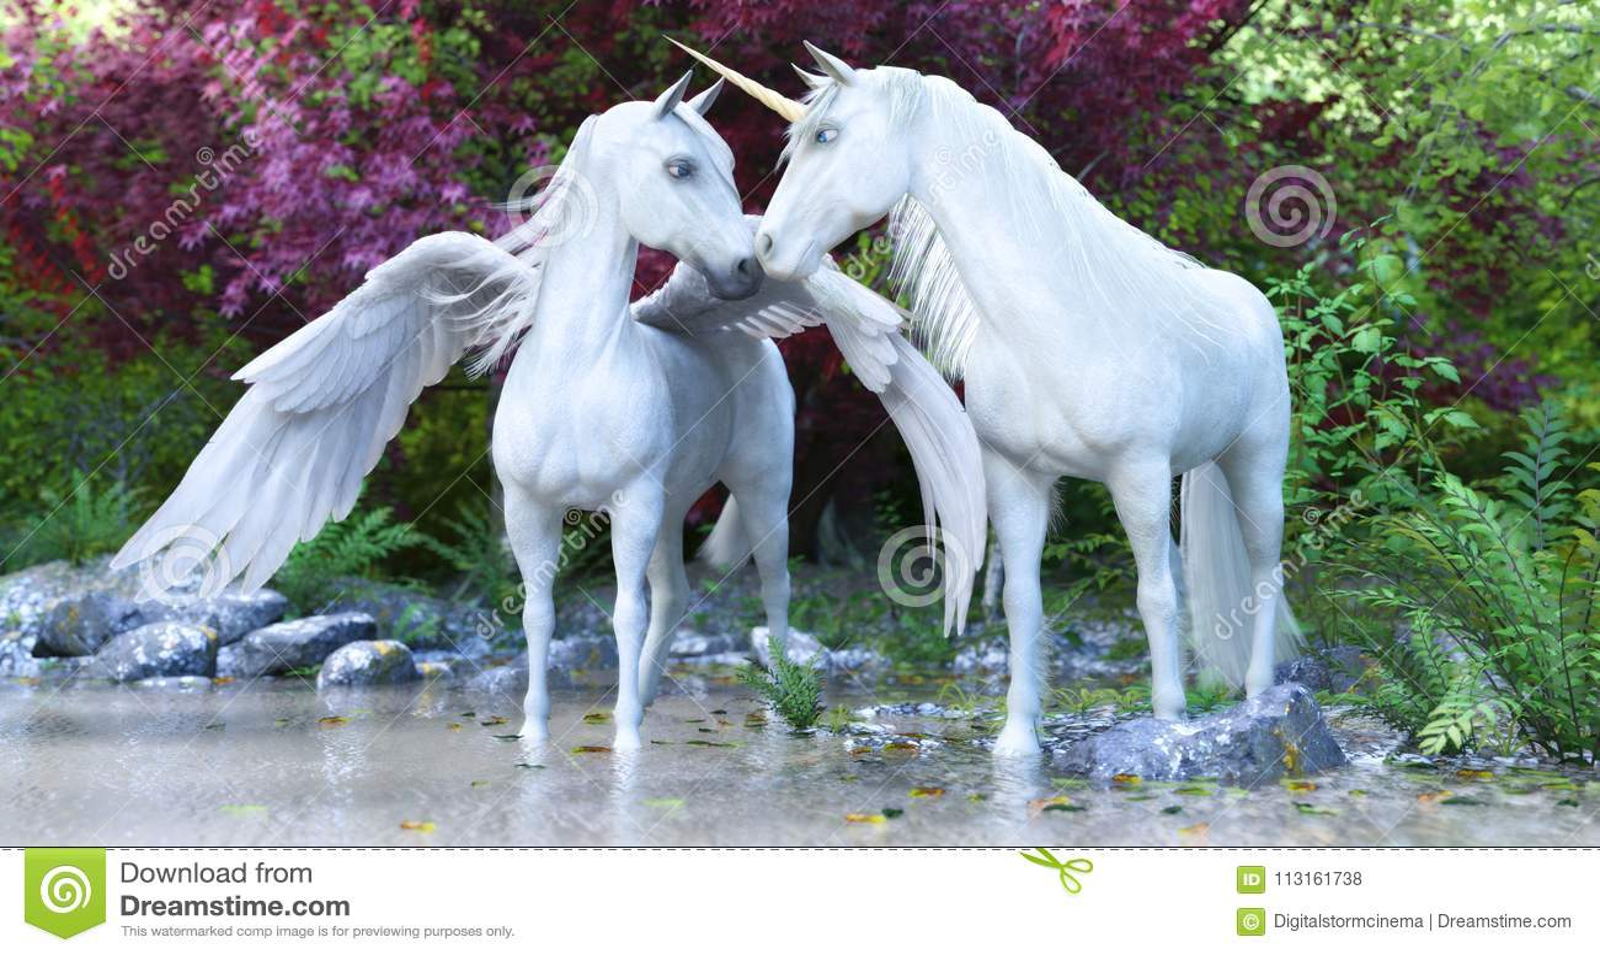 Unicorno bianco mitico e Pegaso di fantasia in una foresta incantata